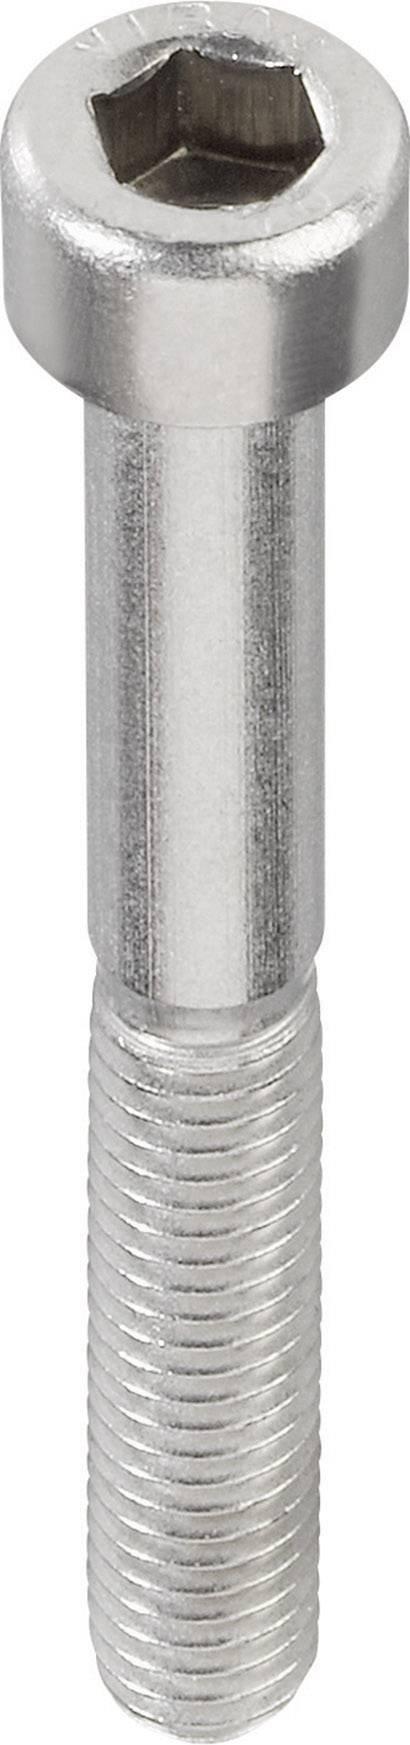 Šroub s válcovou hlavou TOOLCRAFT, s vnitřním šestihranem, M2,5, 8 mm, nerez, 20 ks